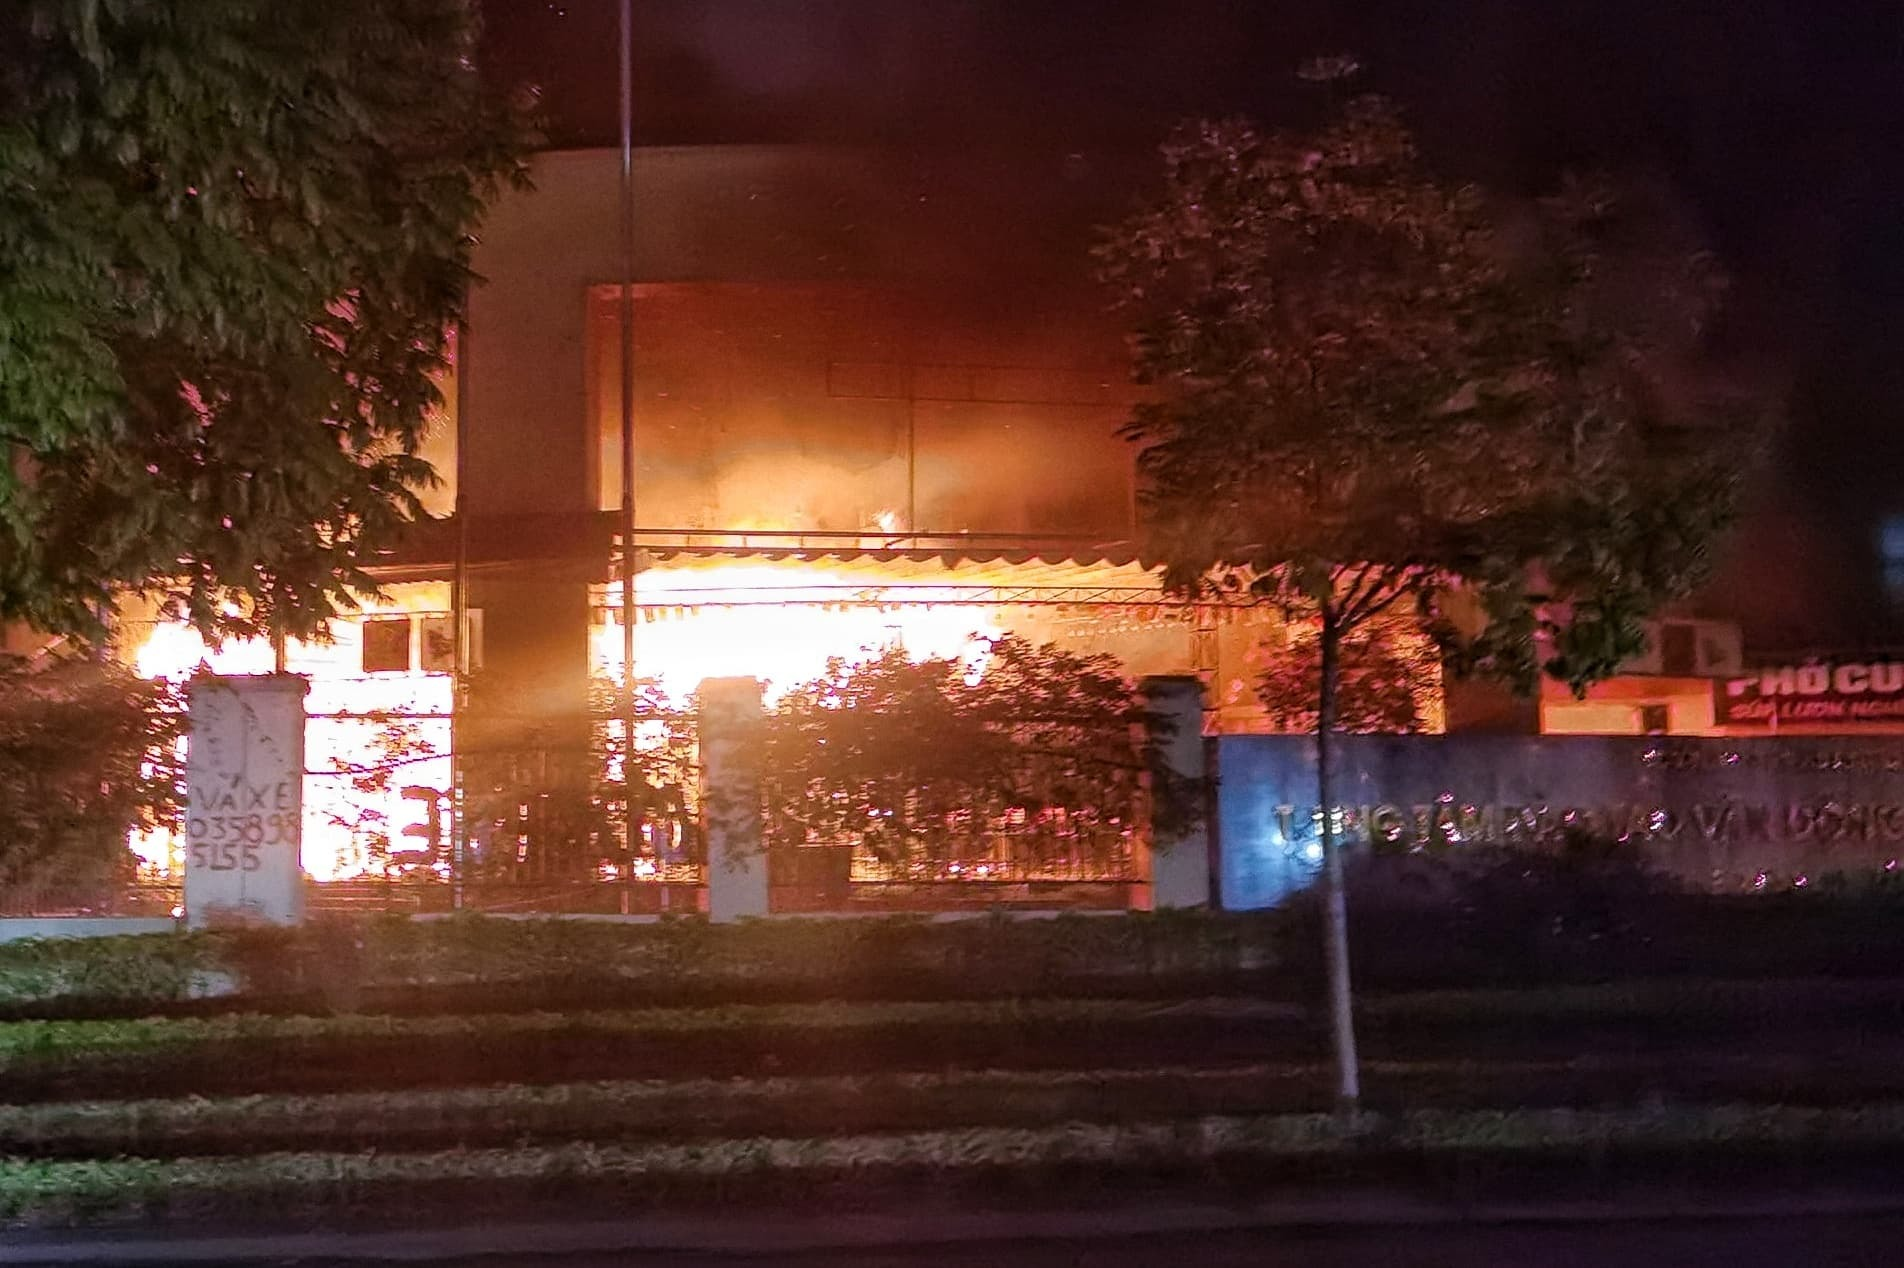 Trung tâm đào tạo vận động viên cao cấp bốc cháy dữ dội tối 30 Tết  - Ảnh 3